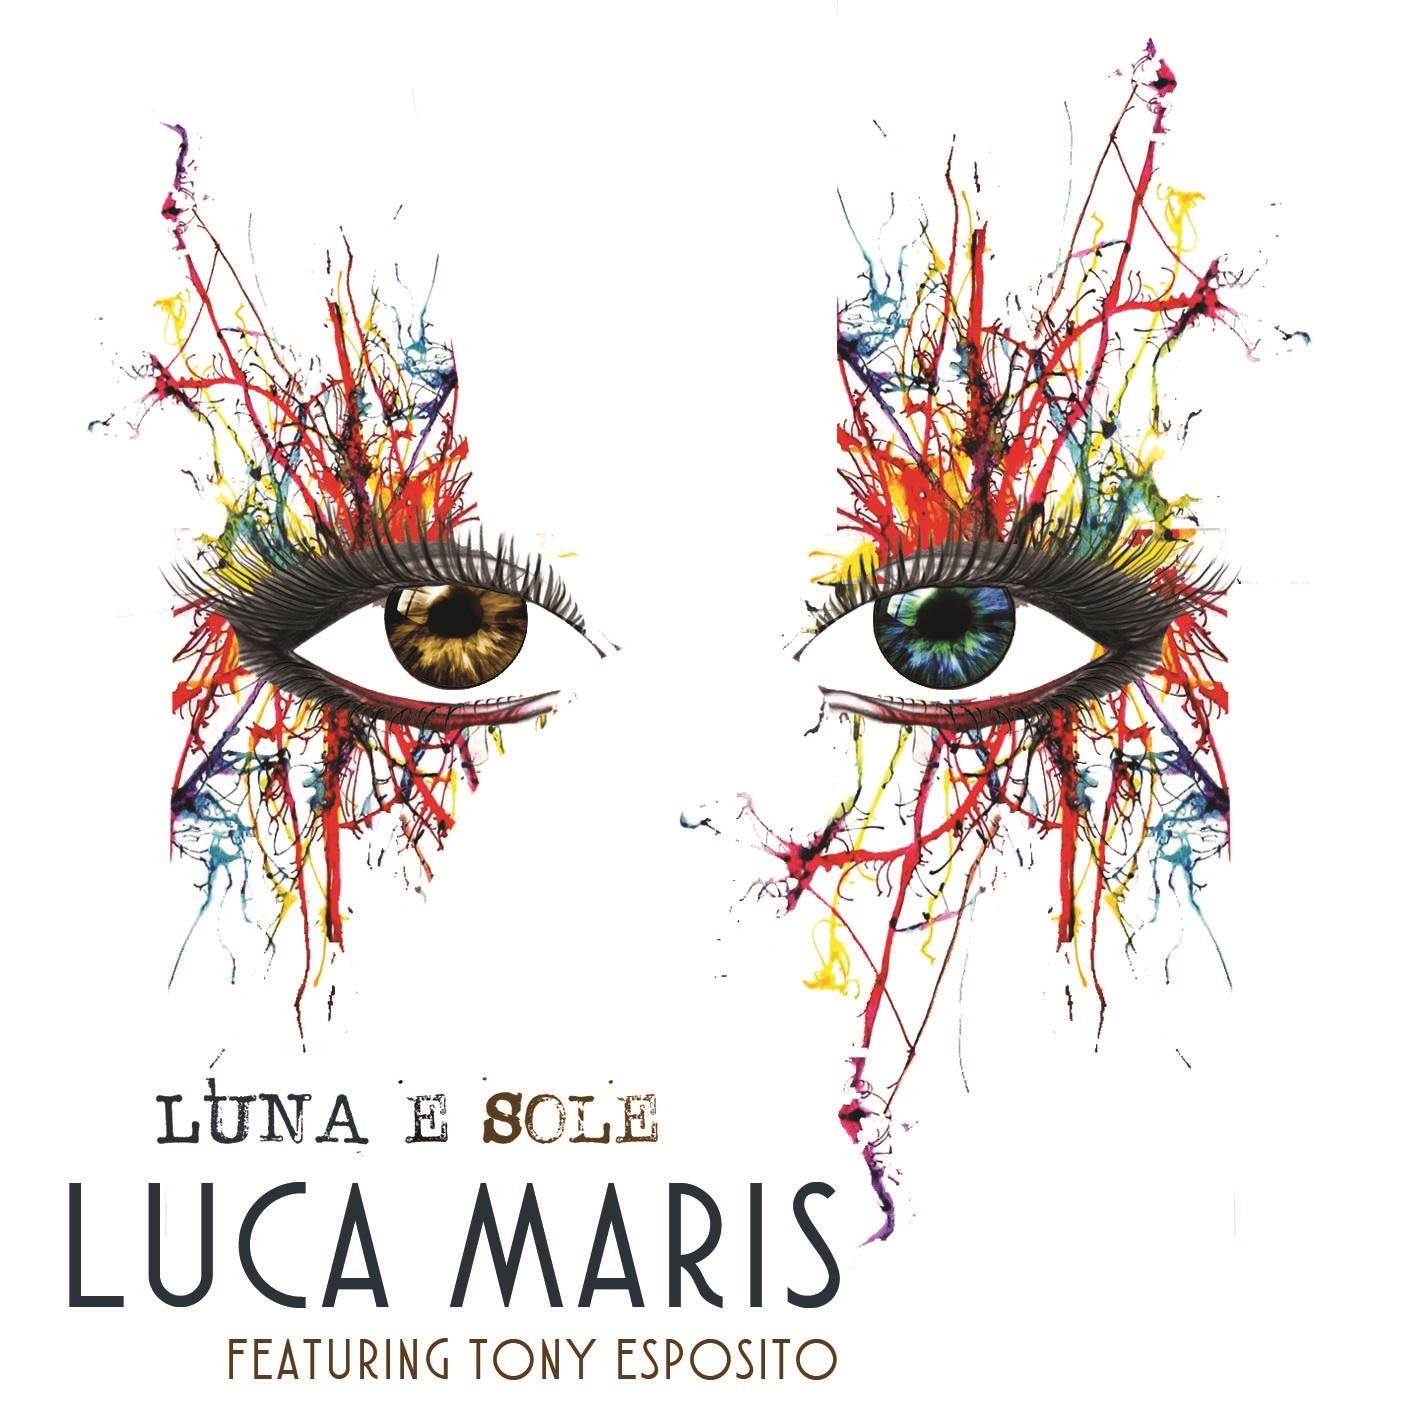 Luna e sole, una canzone di Luca Maris e Tony Esposito a favore della pace nel mondo